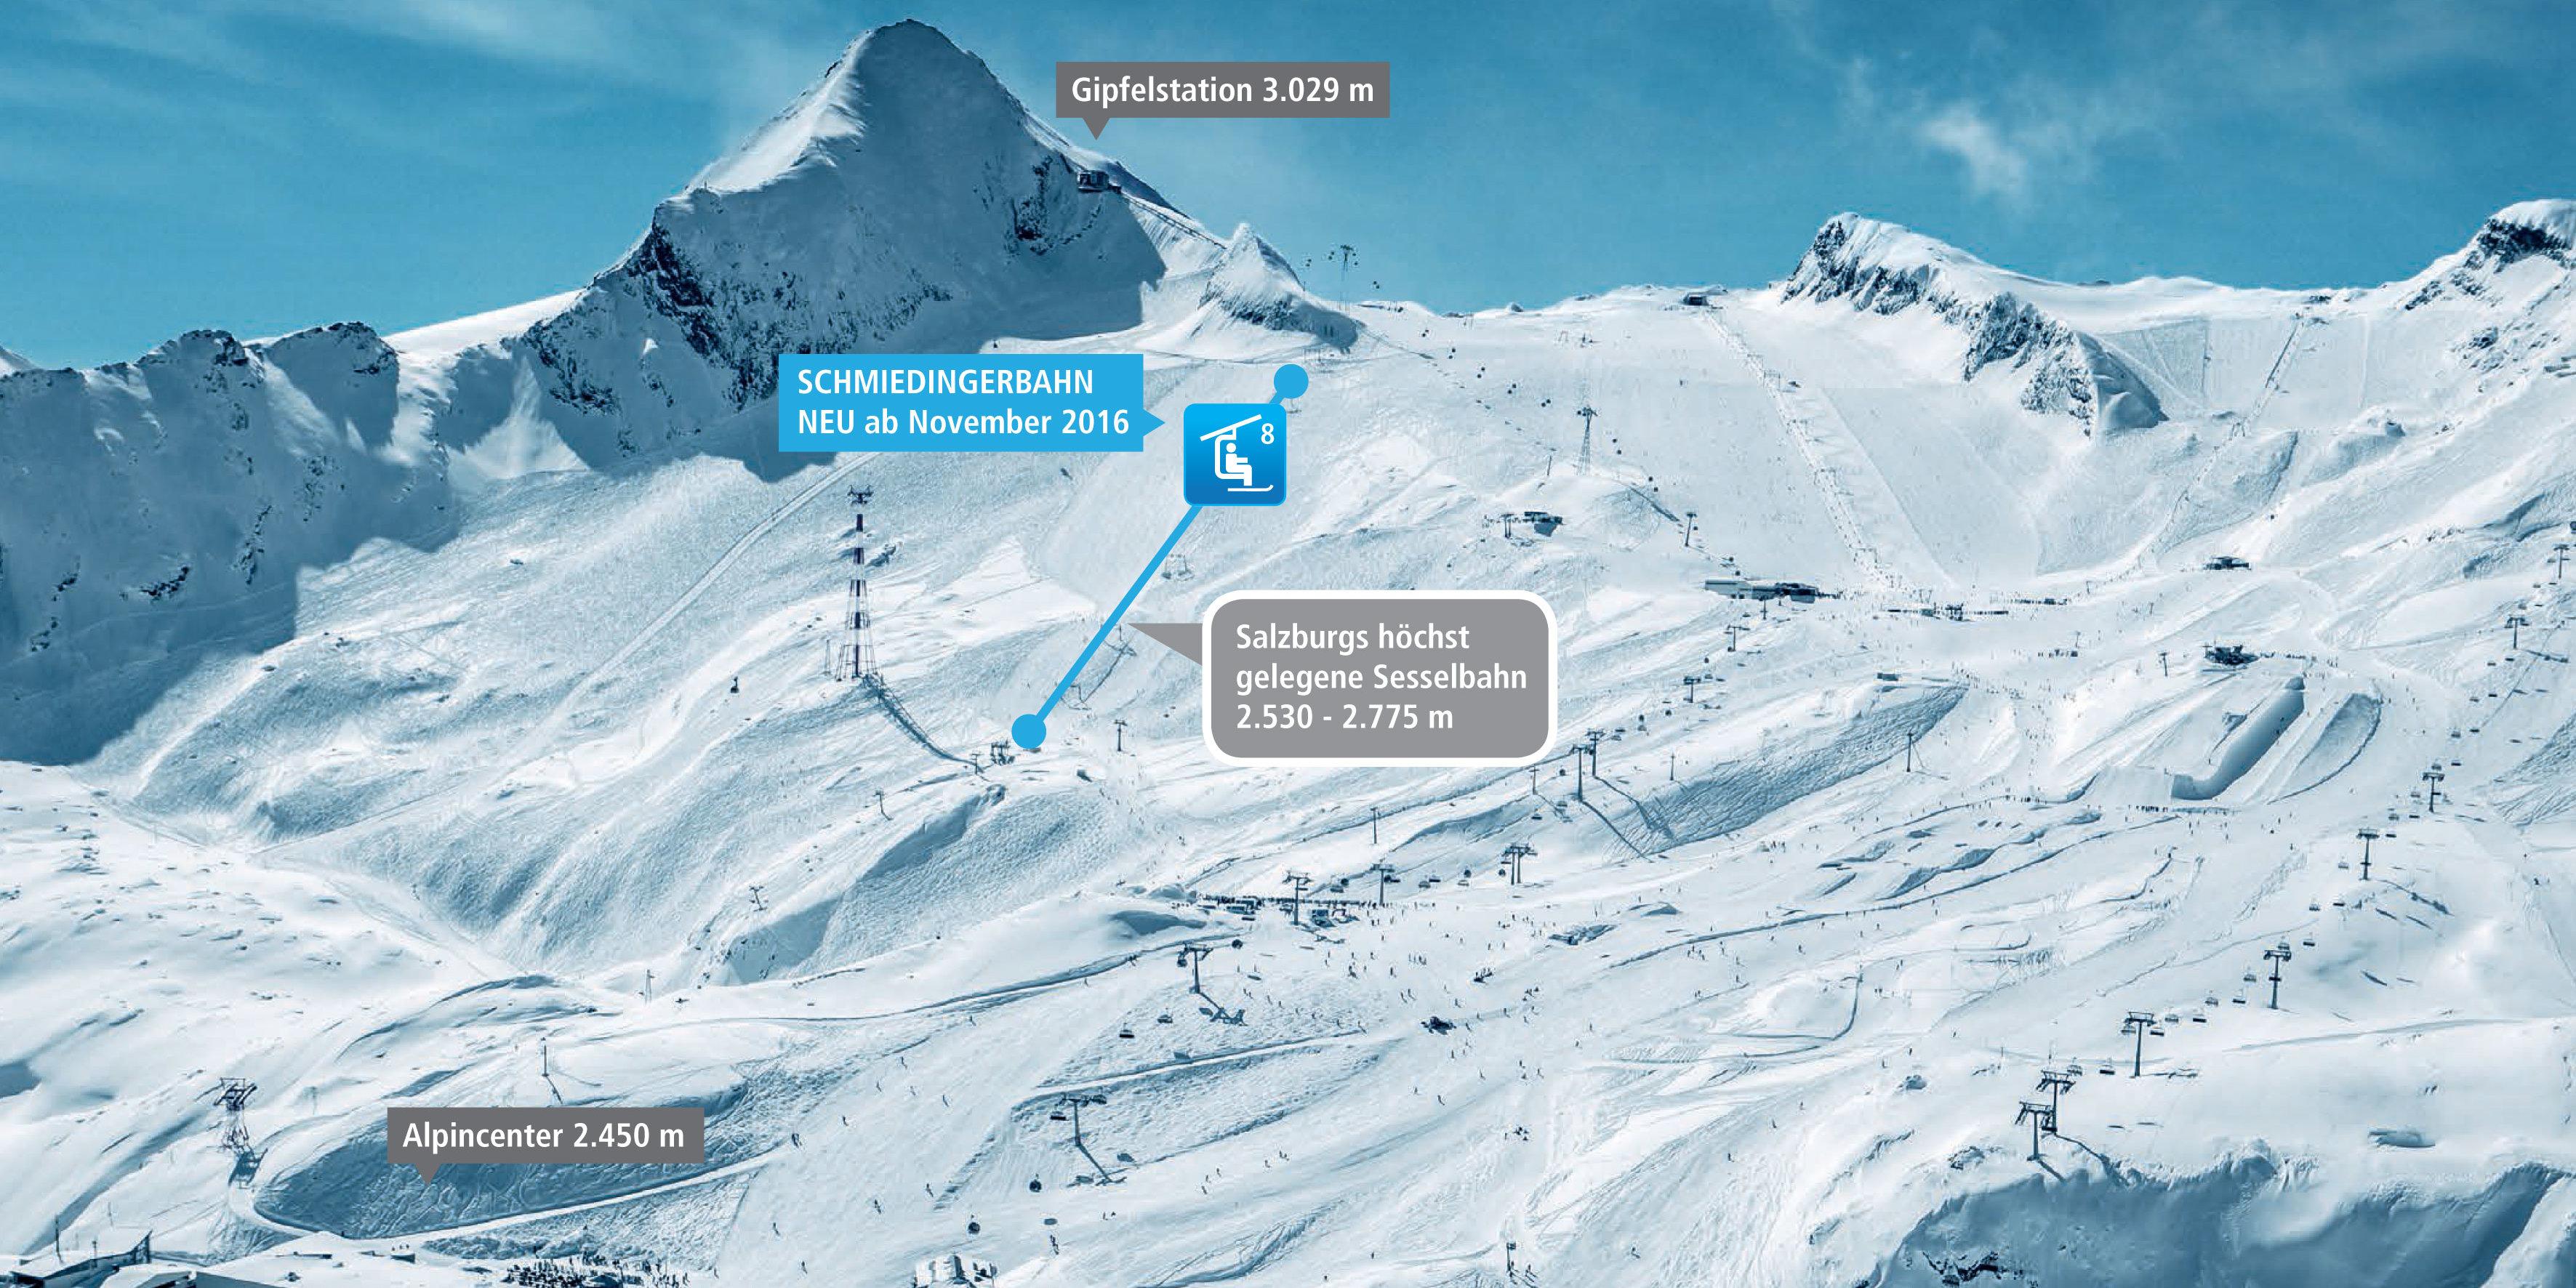 Kaprun: új nyolcüléses és sípálya a gleccseren